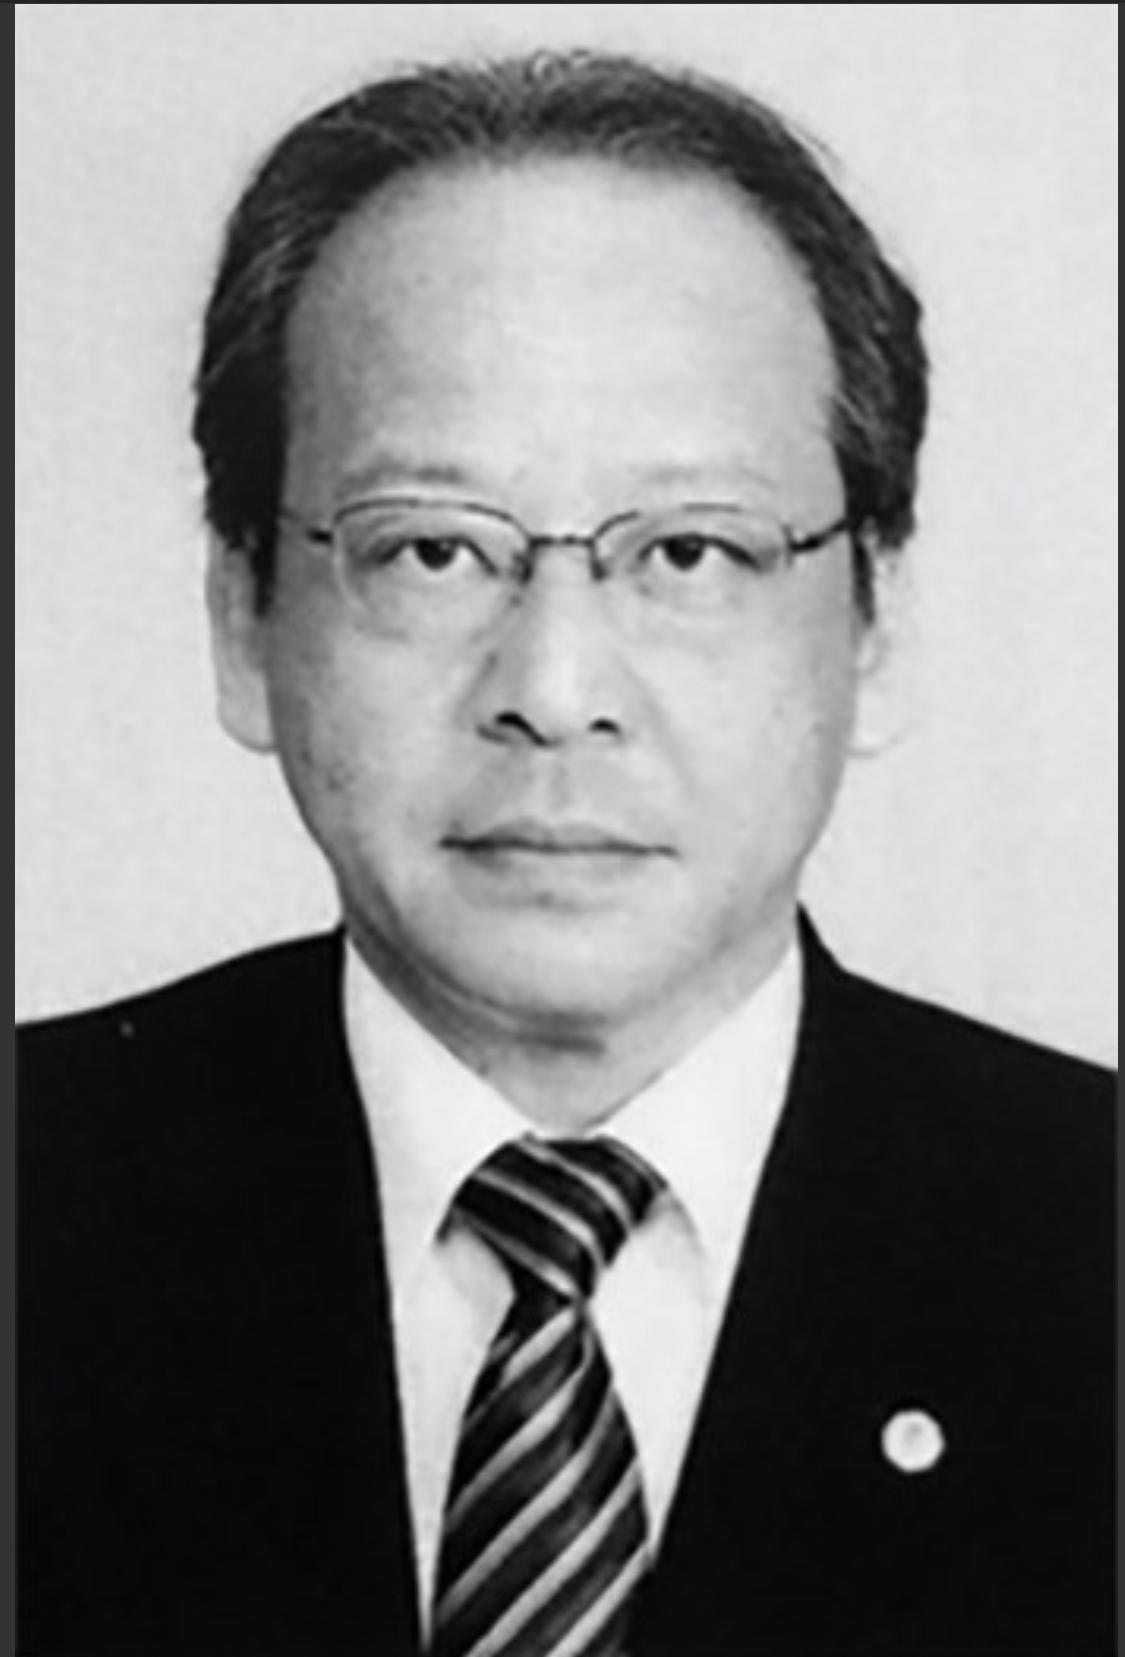 名古屋地裁の鵜飼祐充裁判長の女性軽視の無罪判決は絶対におかしい